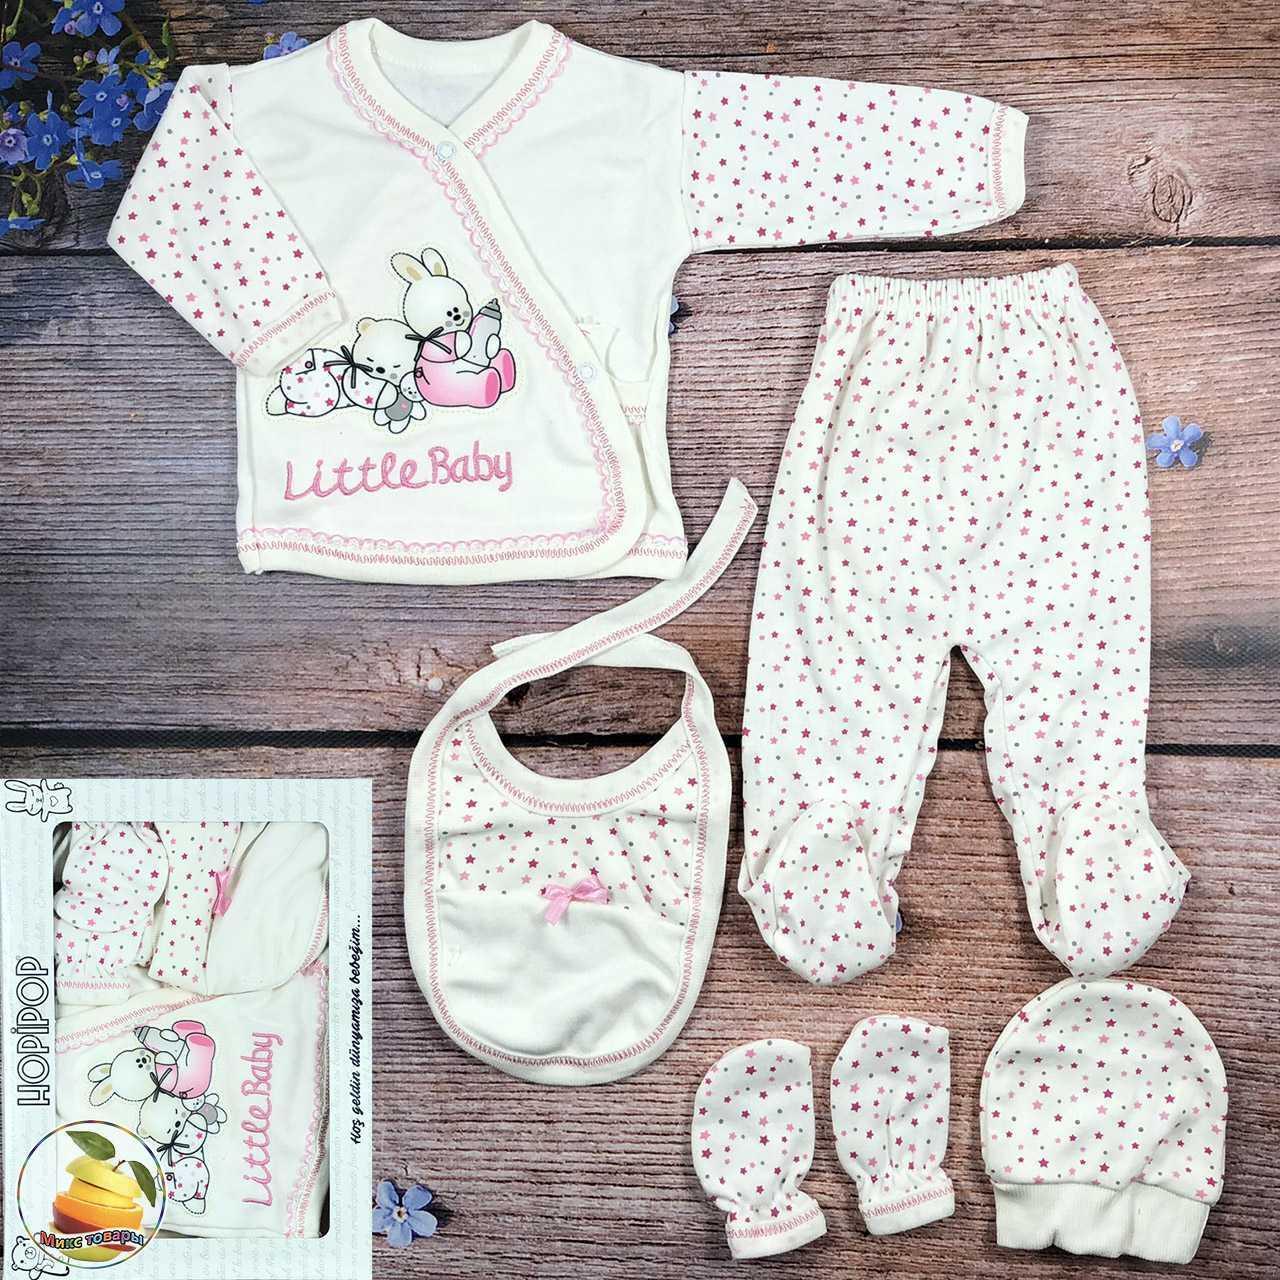 Набір одягу для дівчинки, виписка з пологового будинку Зростання: 56 см Розмір: 0 - 3 місяців (9314-4)